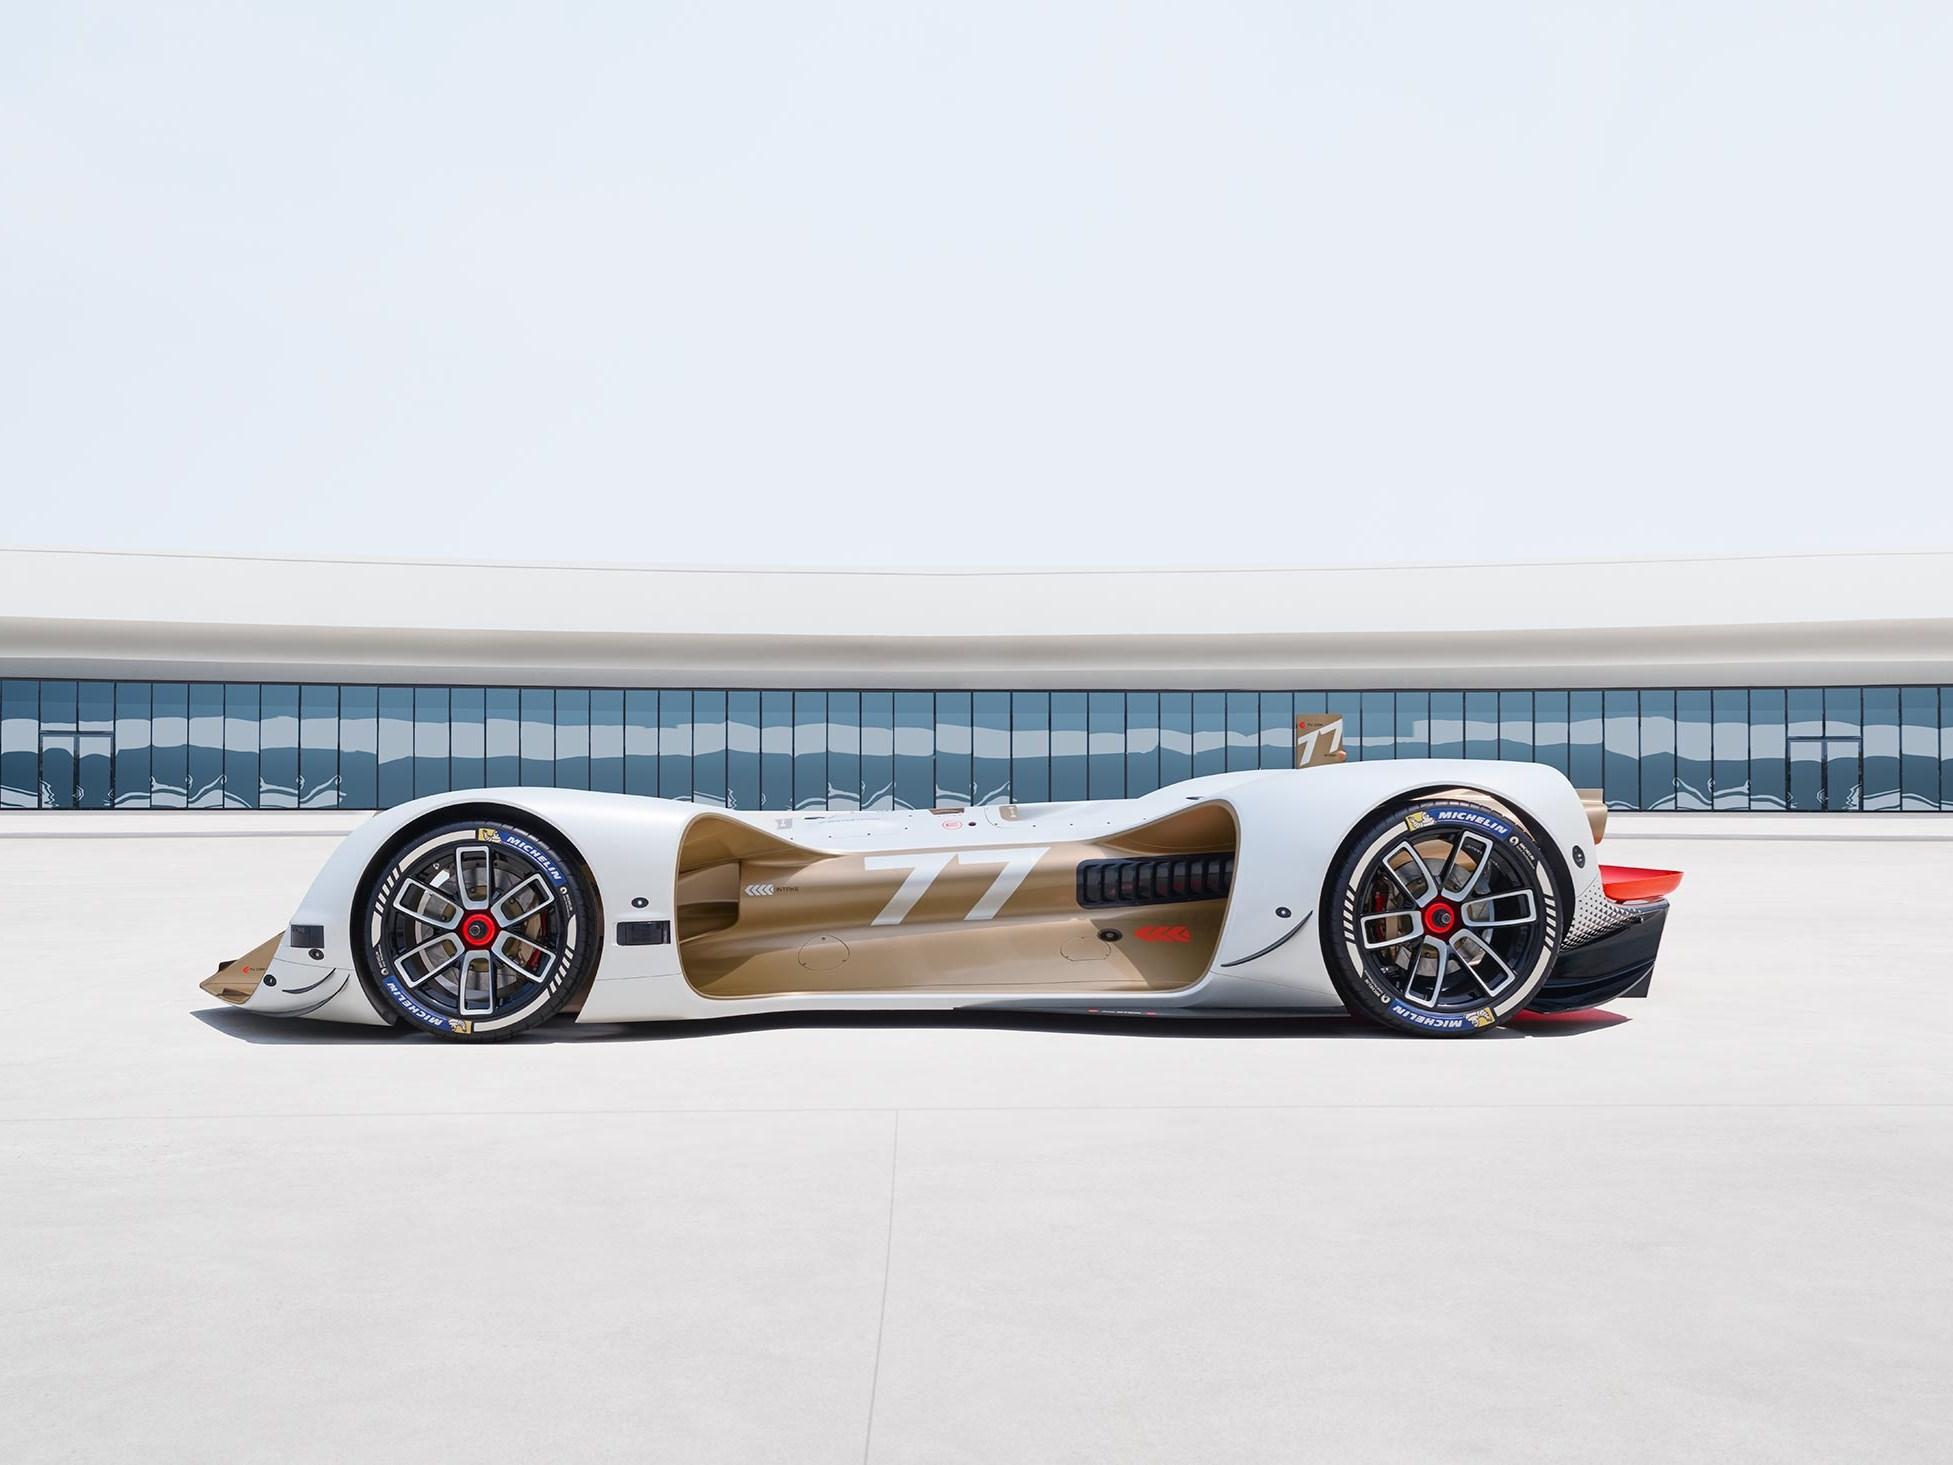 2020 Autonomous Vehicle Technology Report